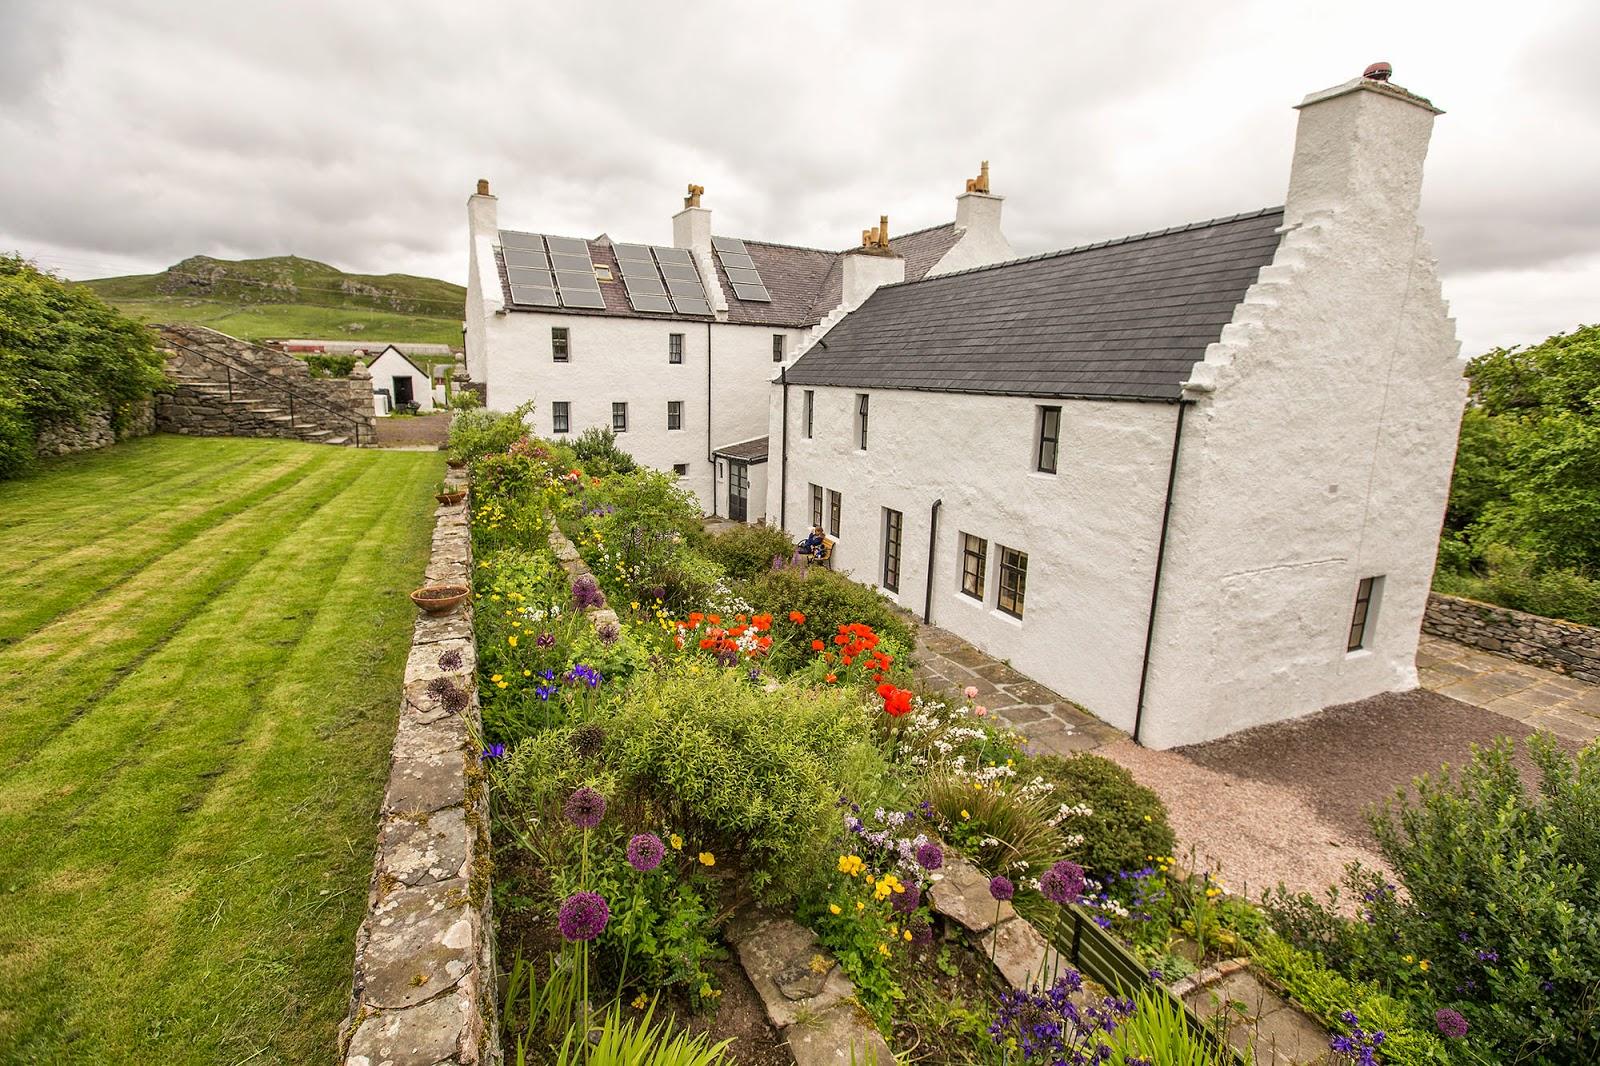 Busta House Hotel, Shetland, UK